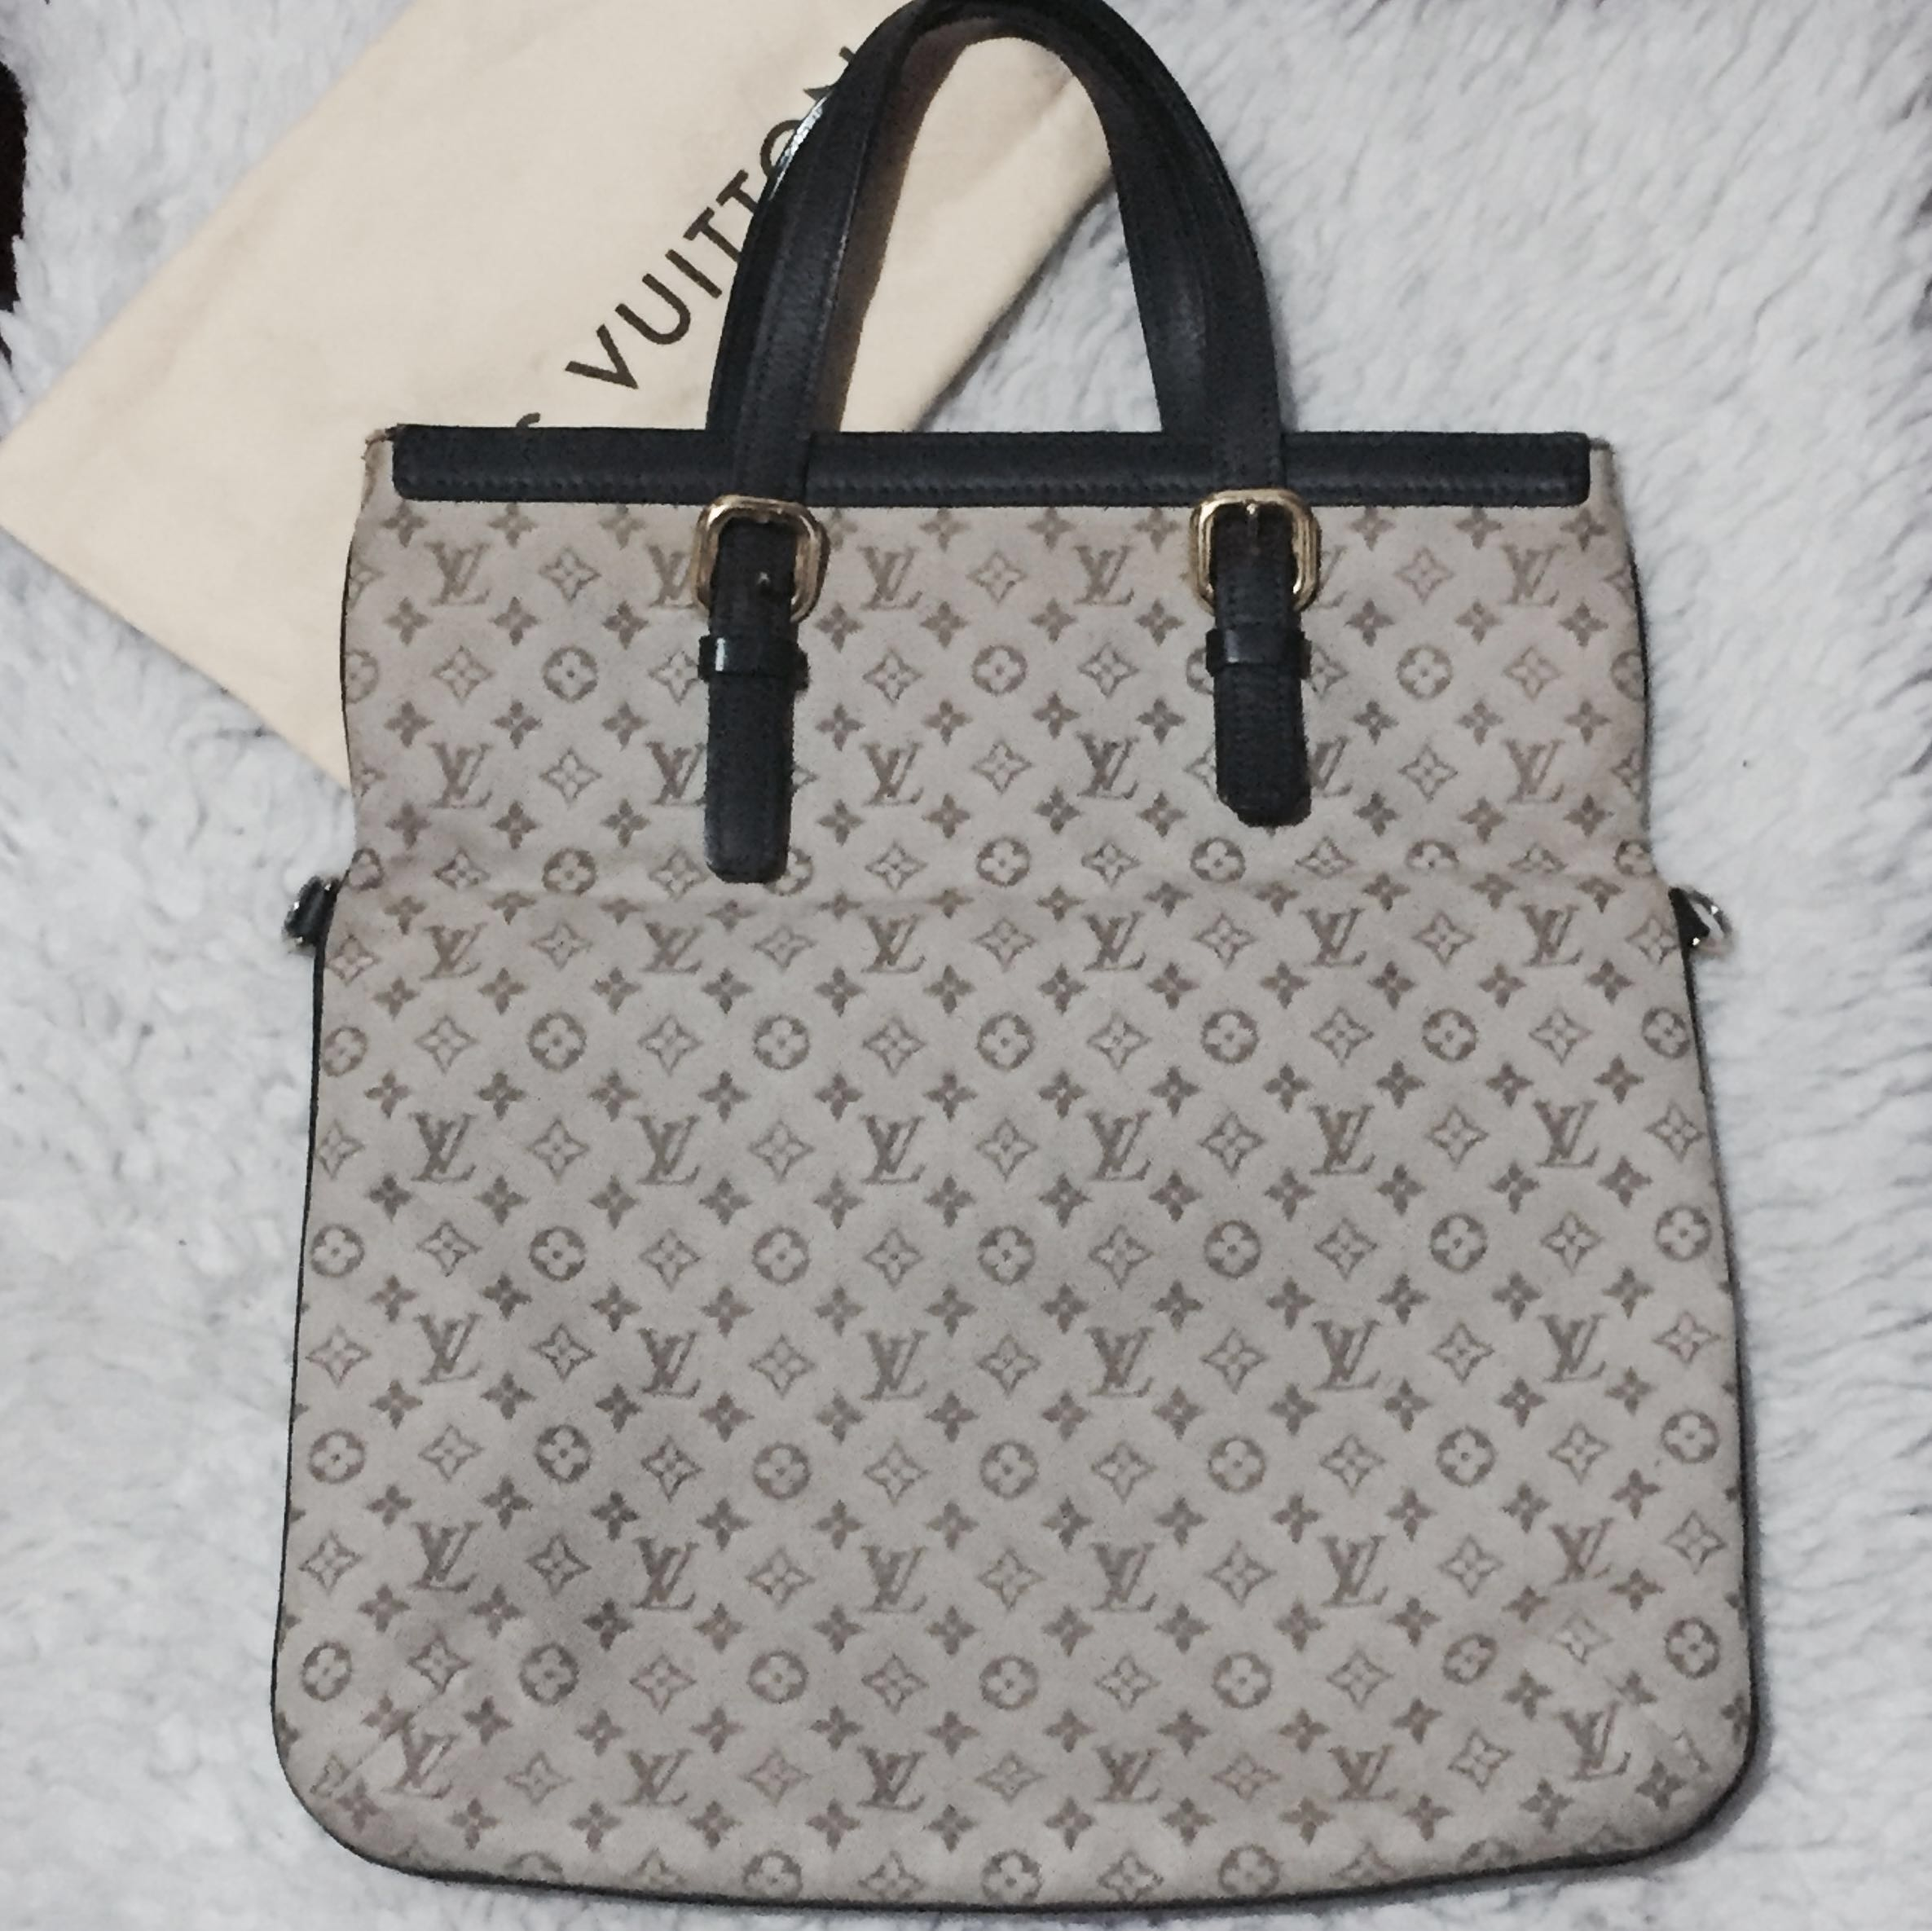 Authentic Louis Vuitton Mini lin Francoise Bag 10918753fbf96